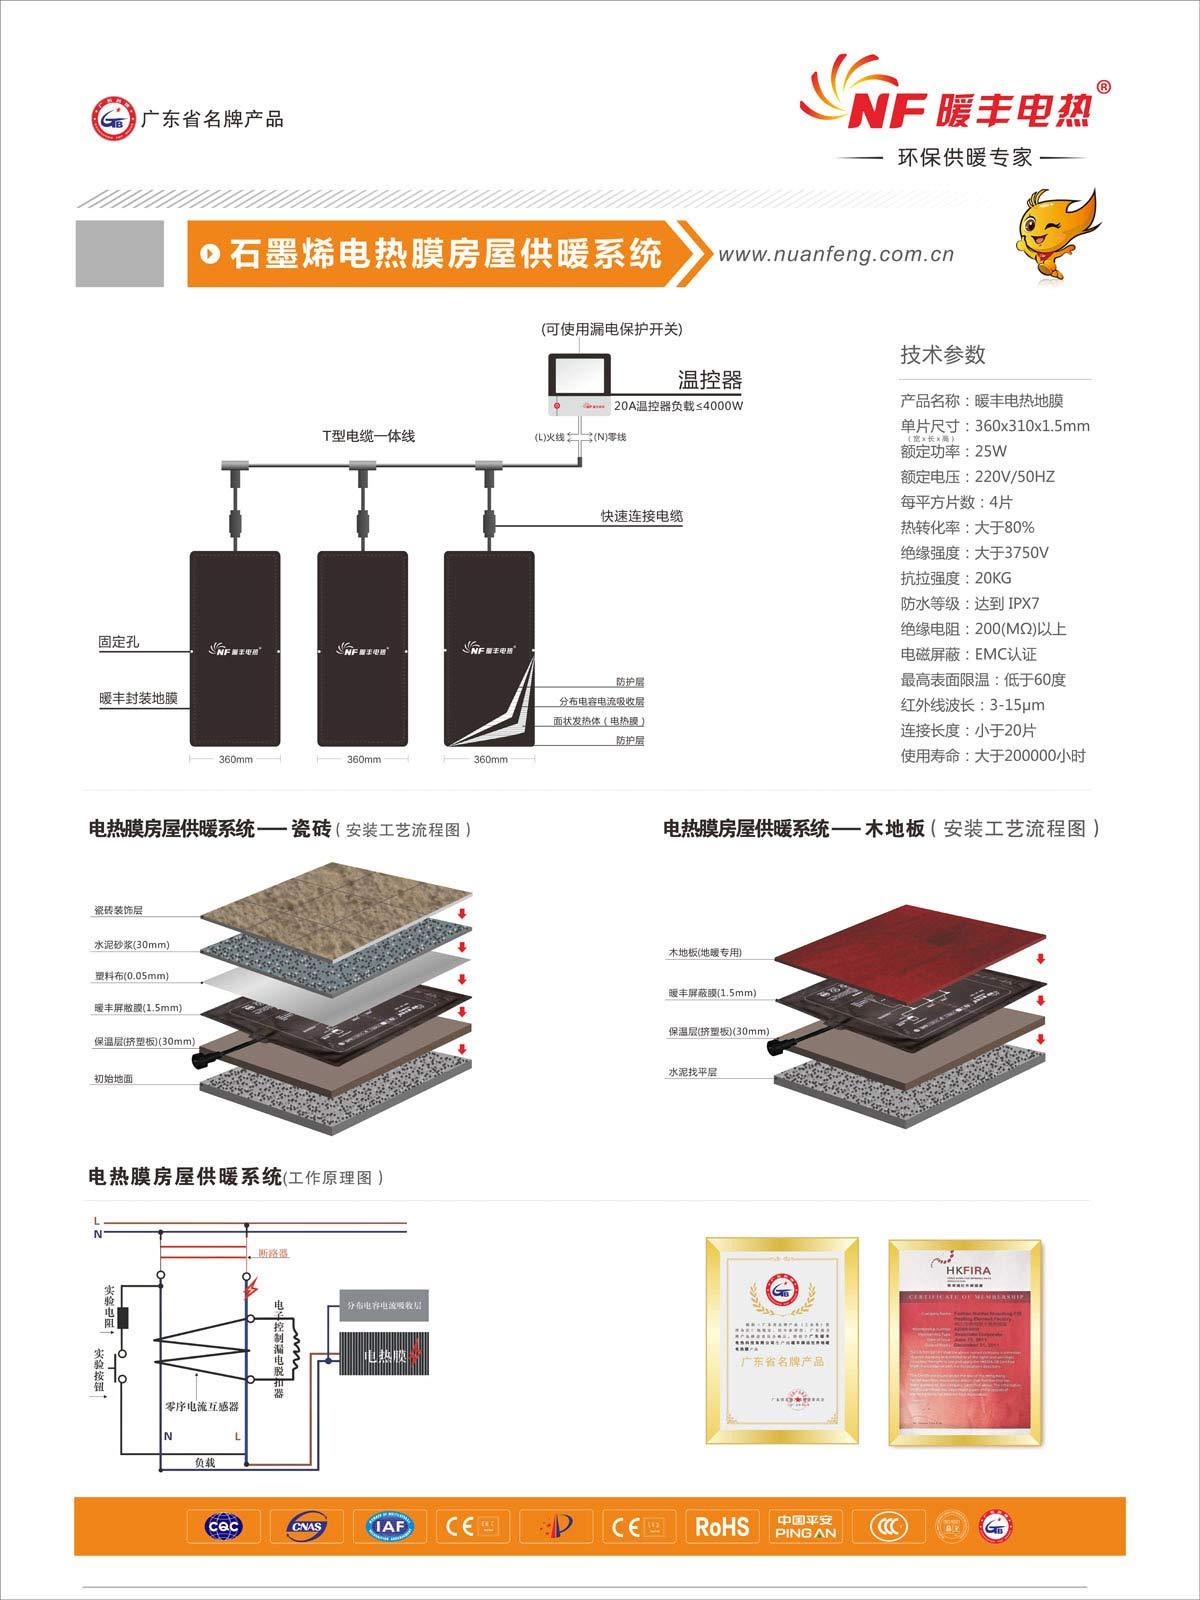 热销石墨烯电热膜,黑龙江恒峰g22ag旗舰厅网站电热石墨烯电热膜专业生产厂家